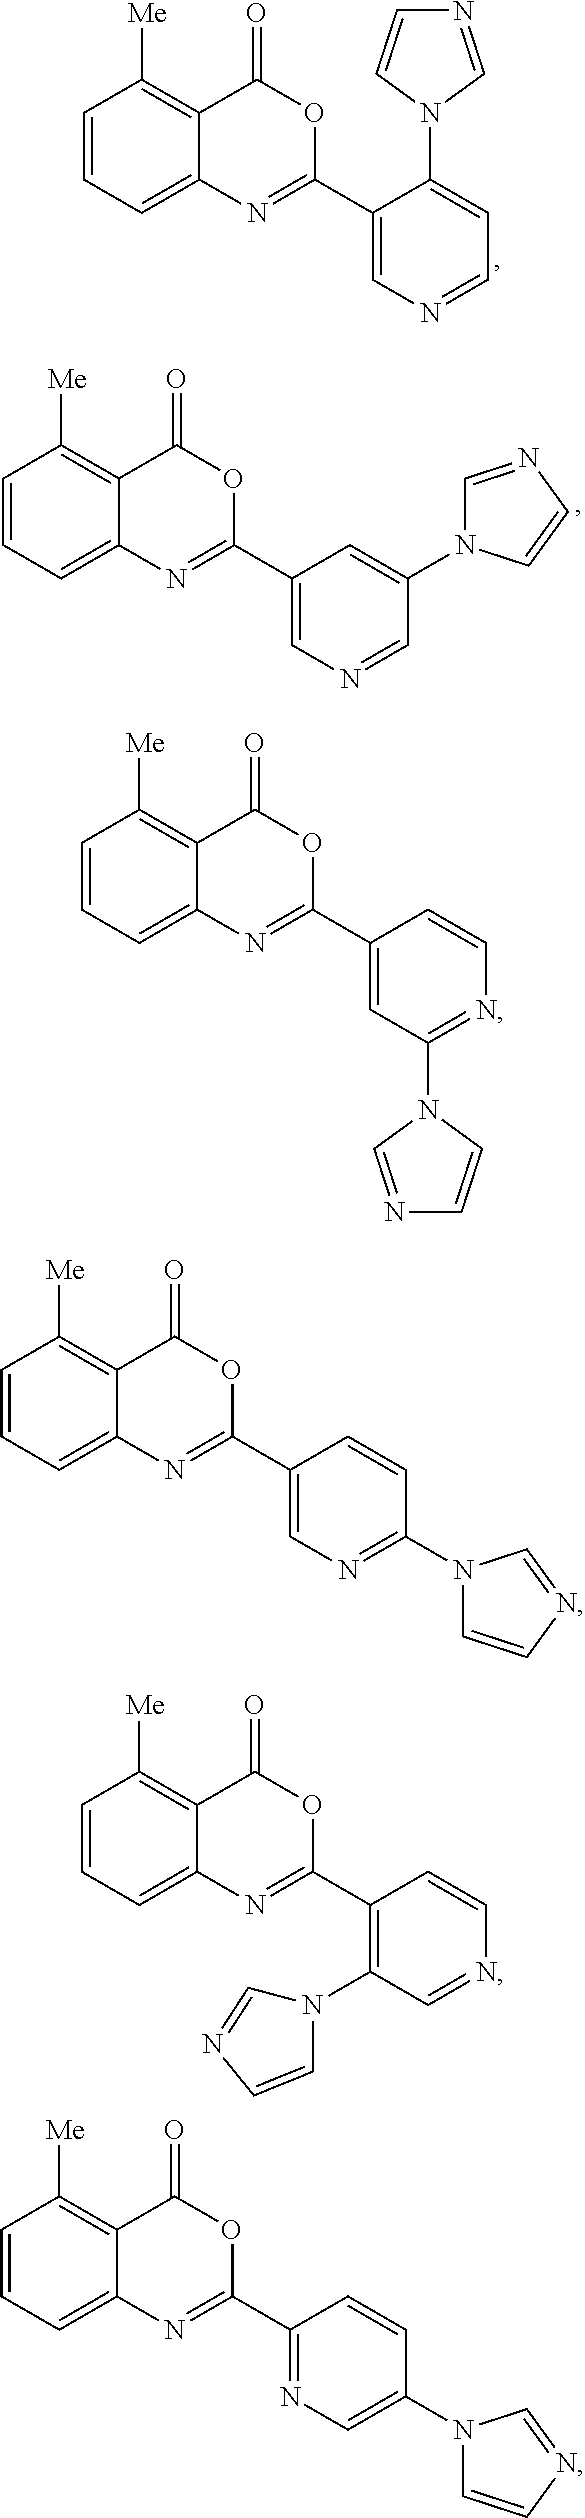 Figure US07879846-20110201-C00037